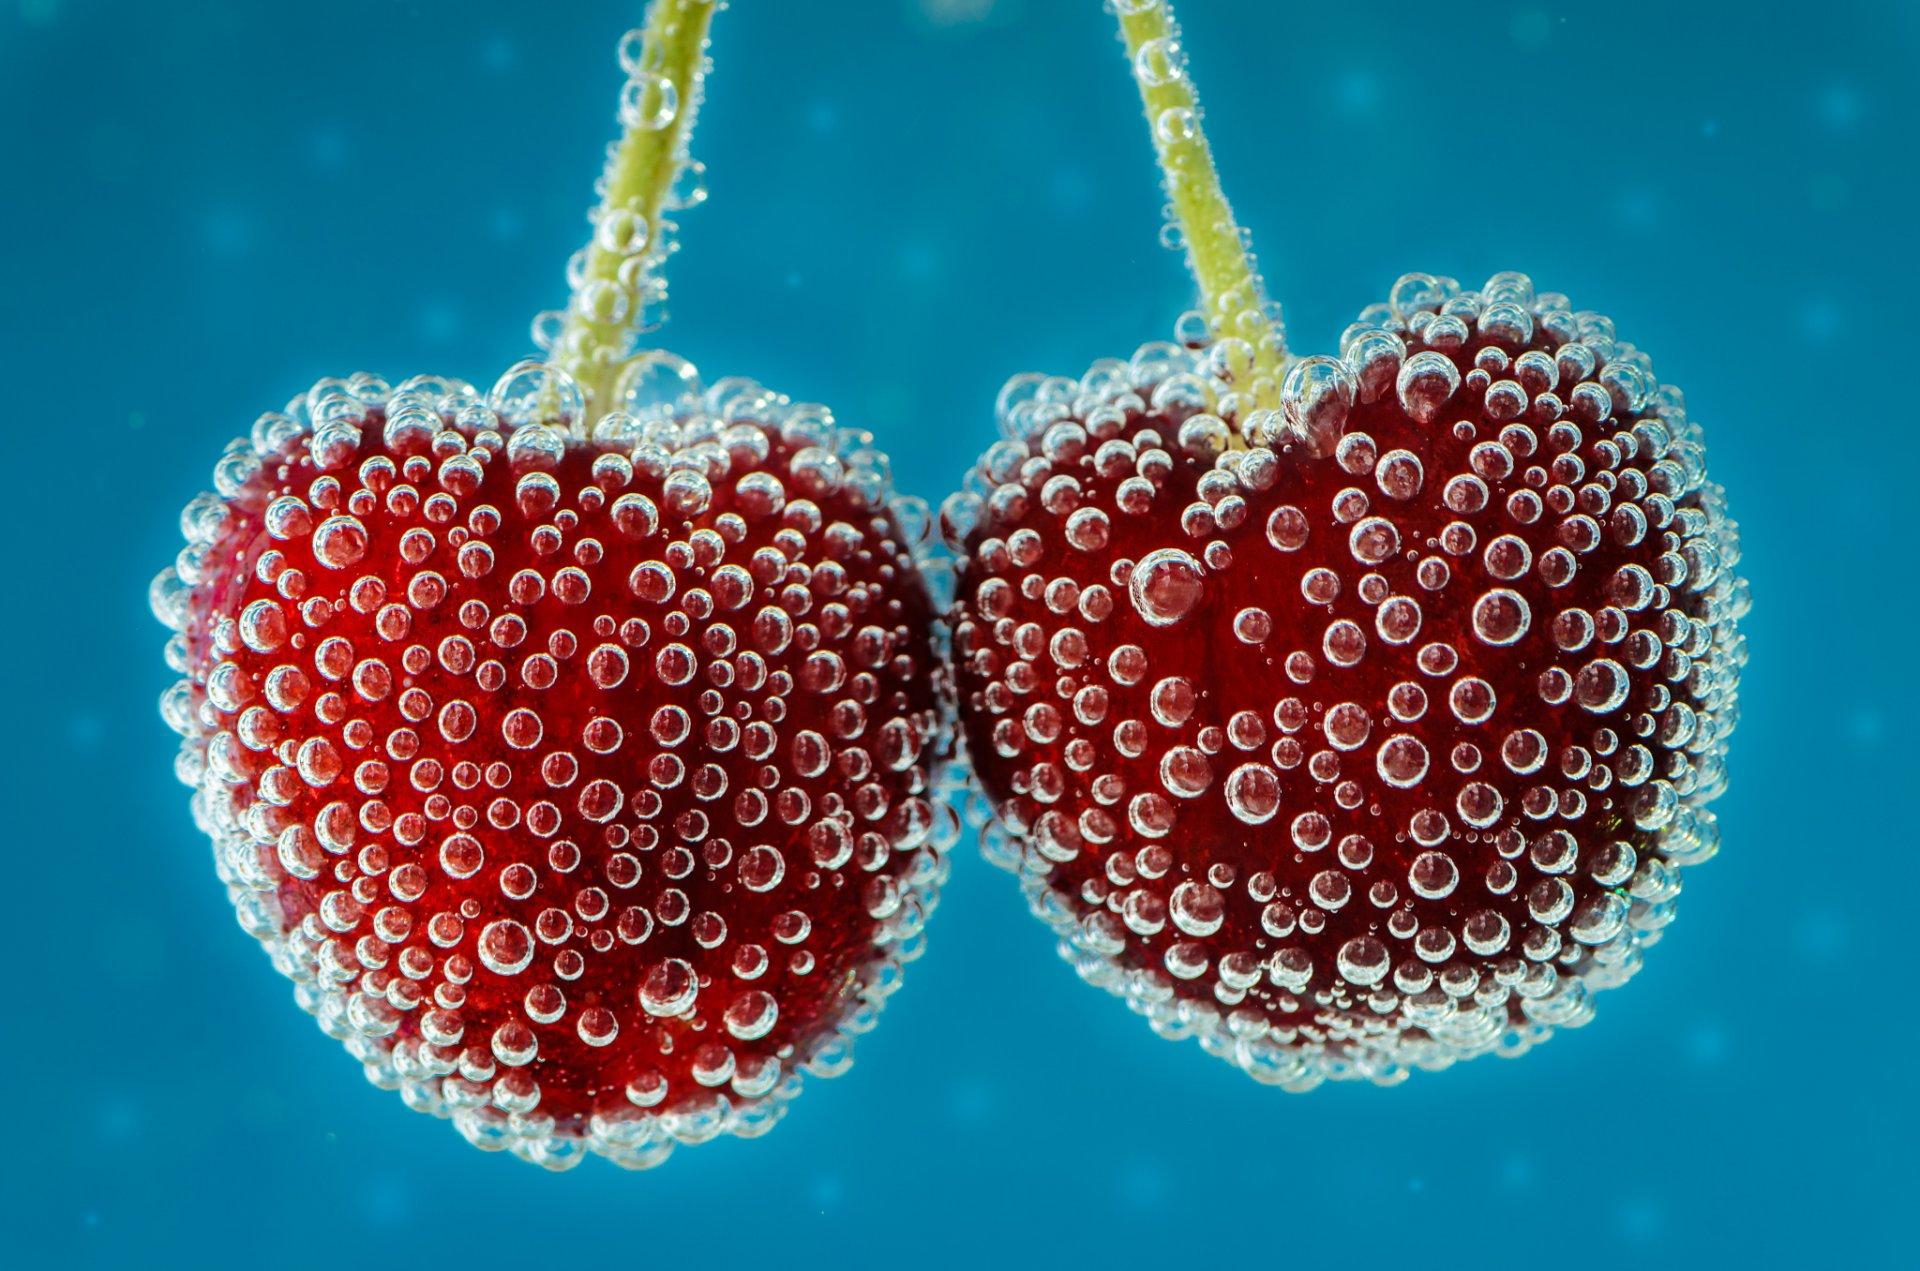 может, ягоды в воде фото малыш чувствуют